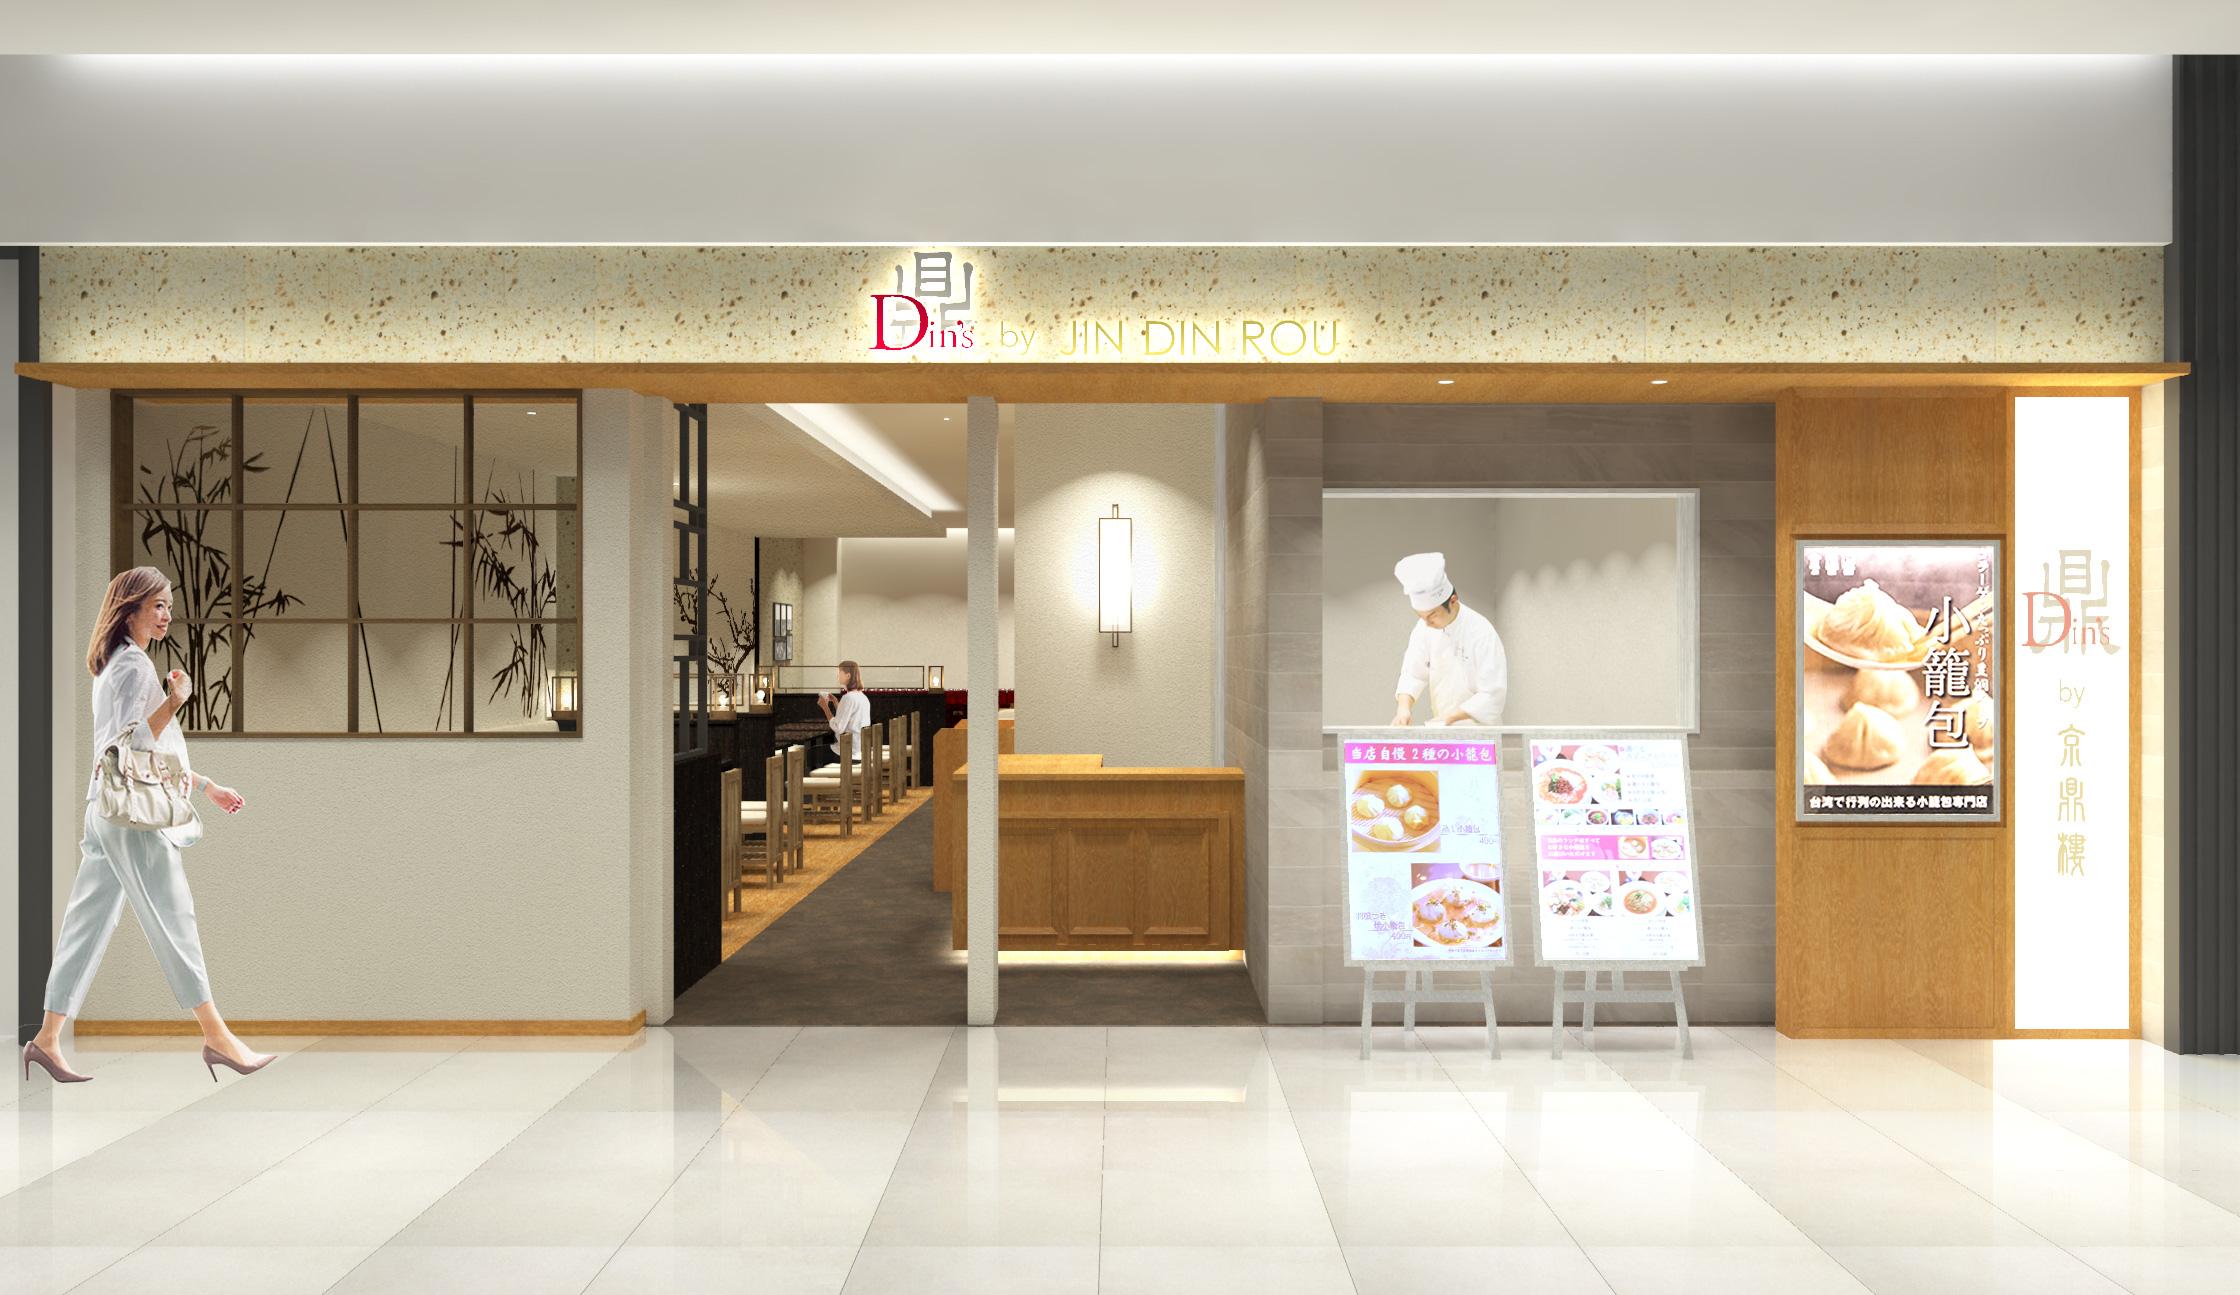 鼎's by JIN DIN ROU キュービックプラザ新横浜店 6/17(水)NEW OPEN!!